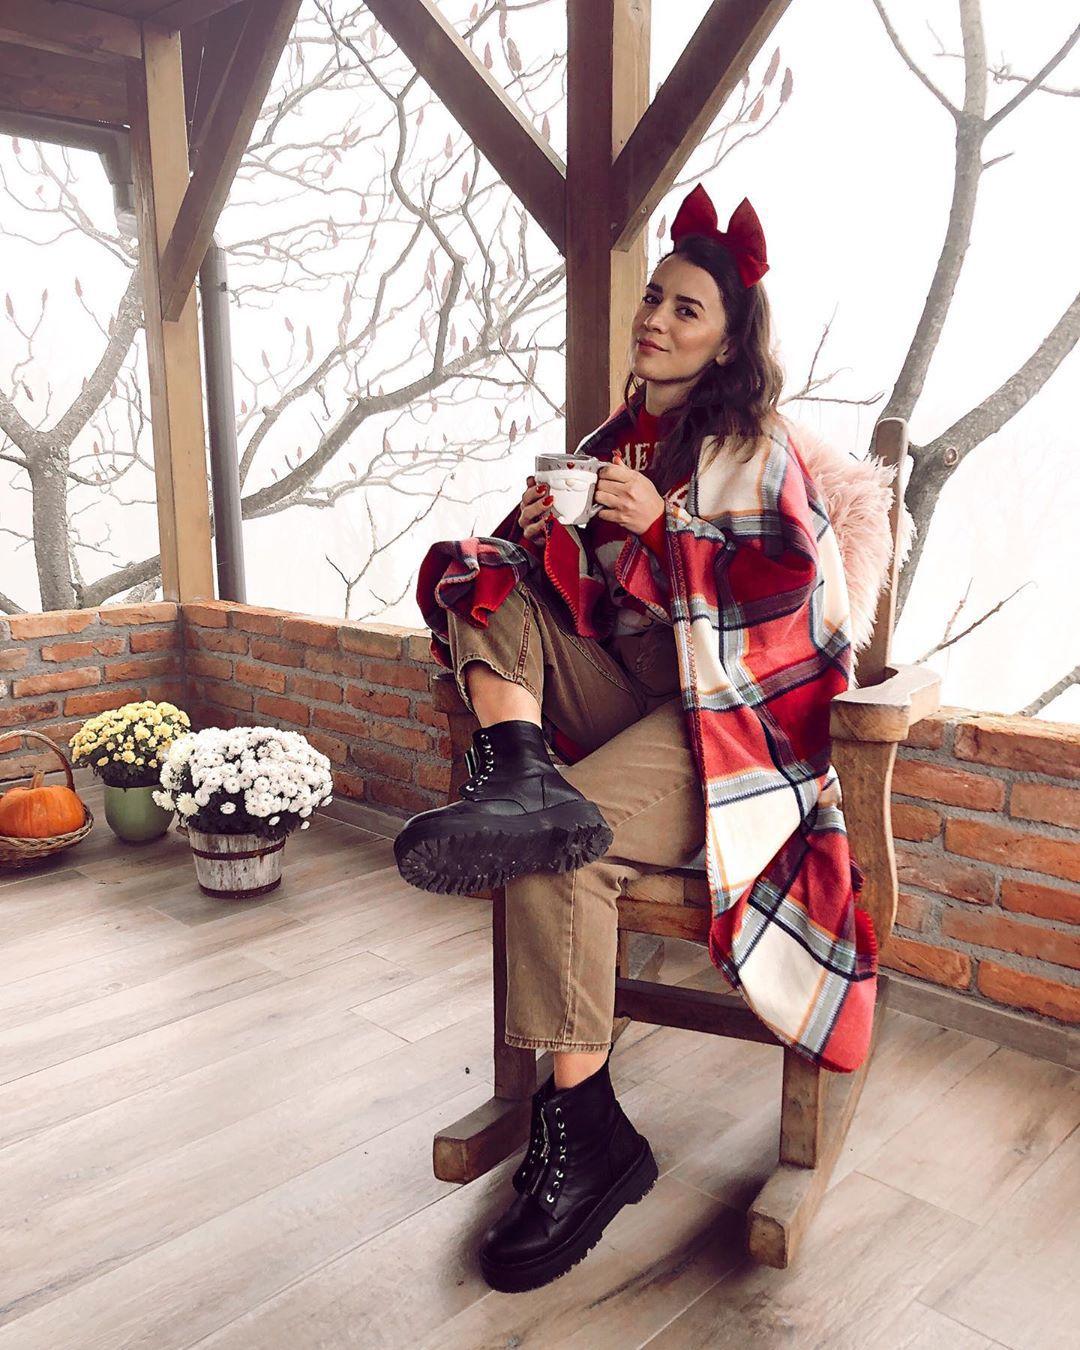 Omiljeni uzorak u blagdanskom ruhu: Karirani odjevni komadi garantiraju 'festive' look